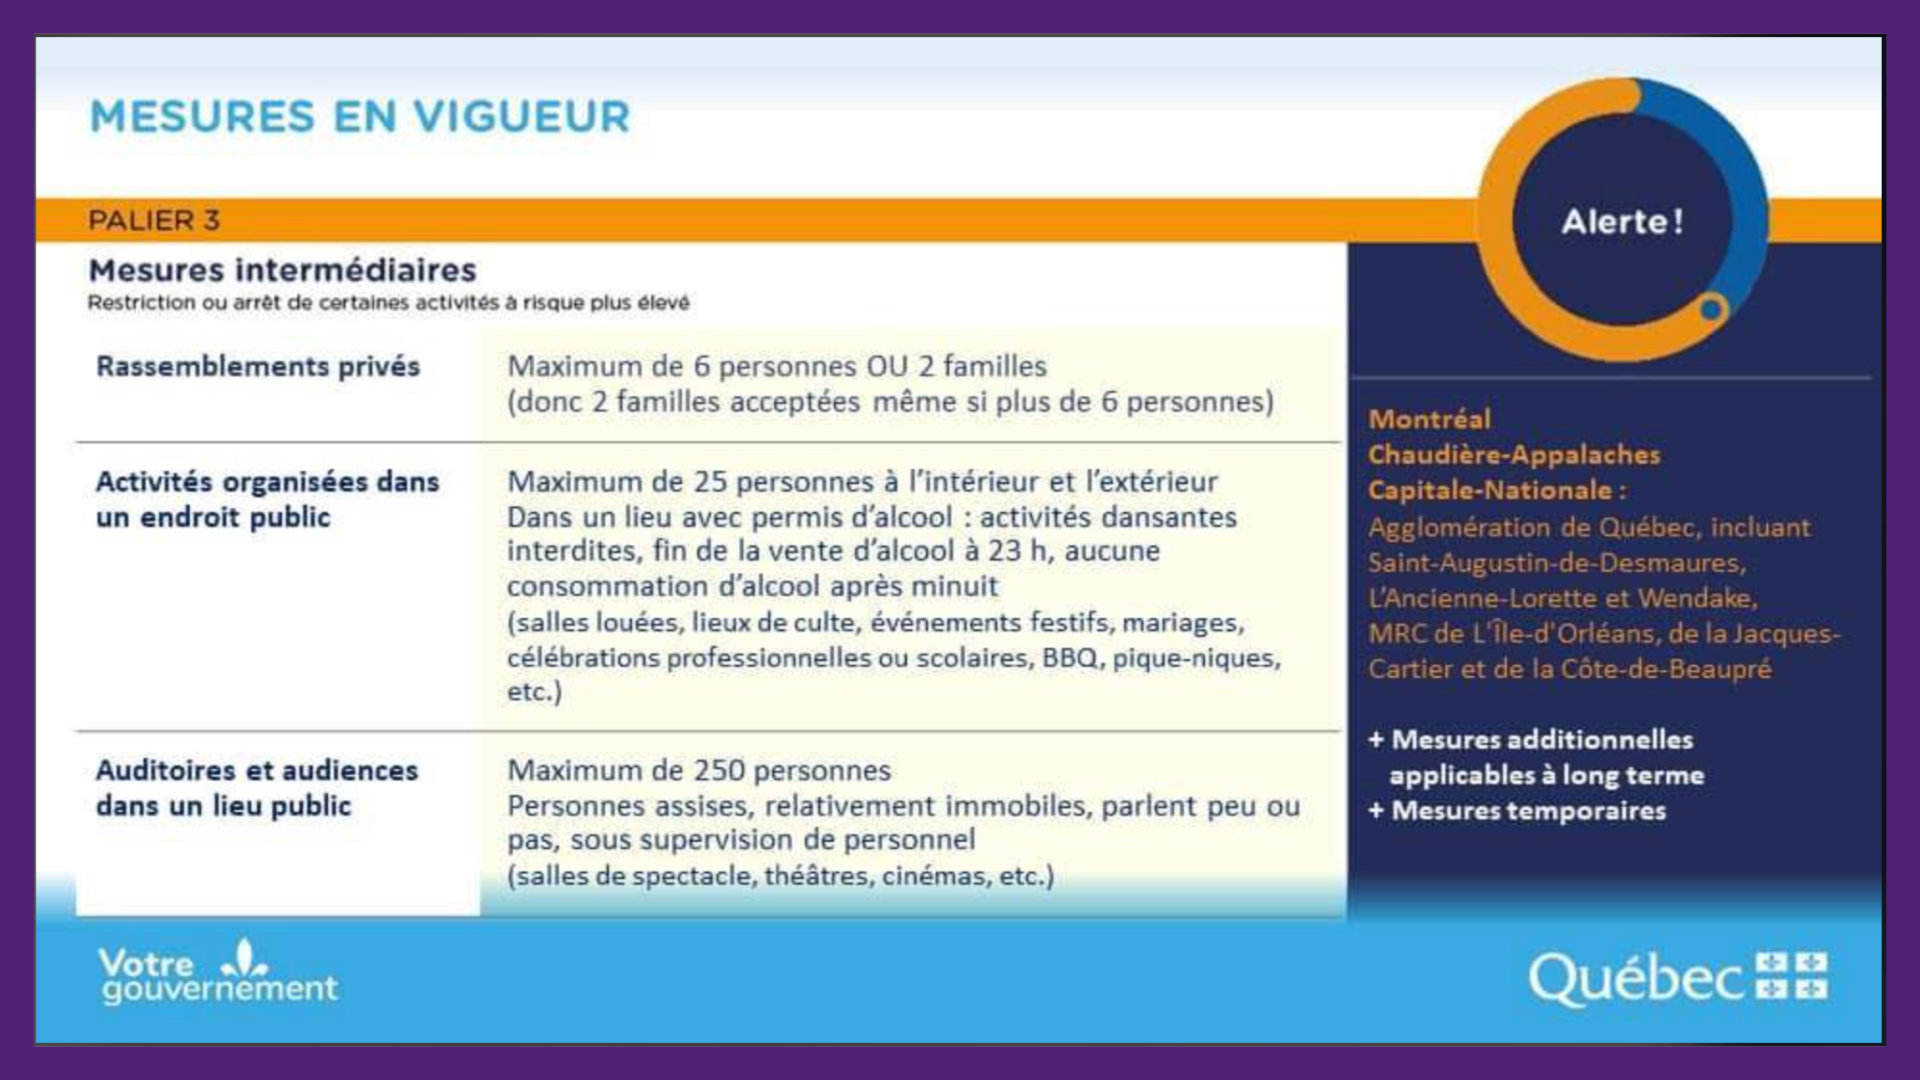 Tres regiones de Quebec pasan a zona naranja